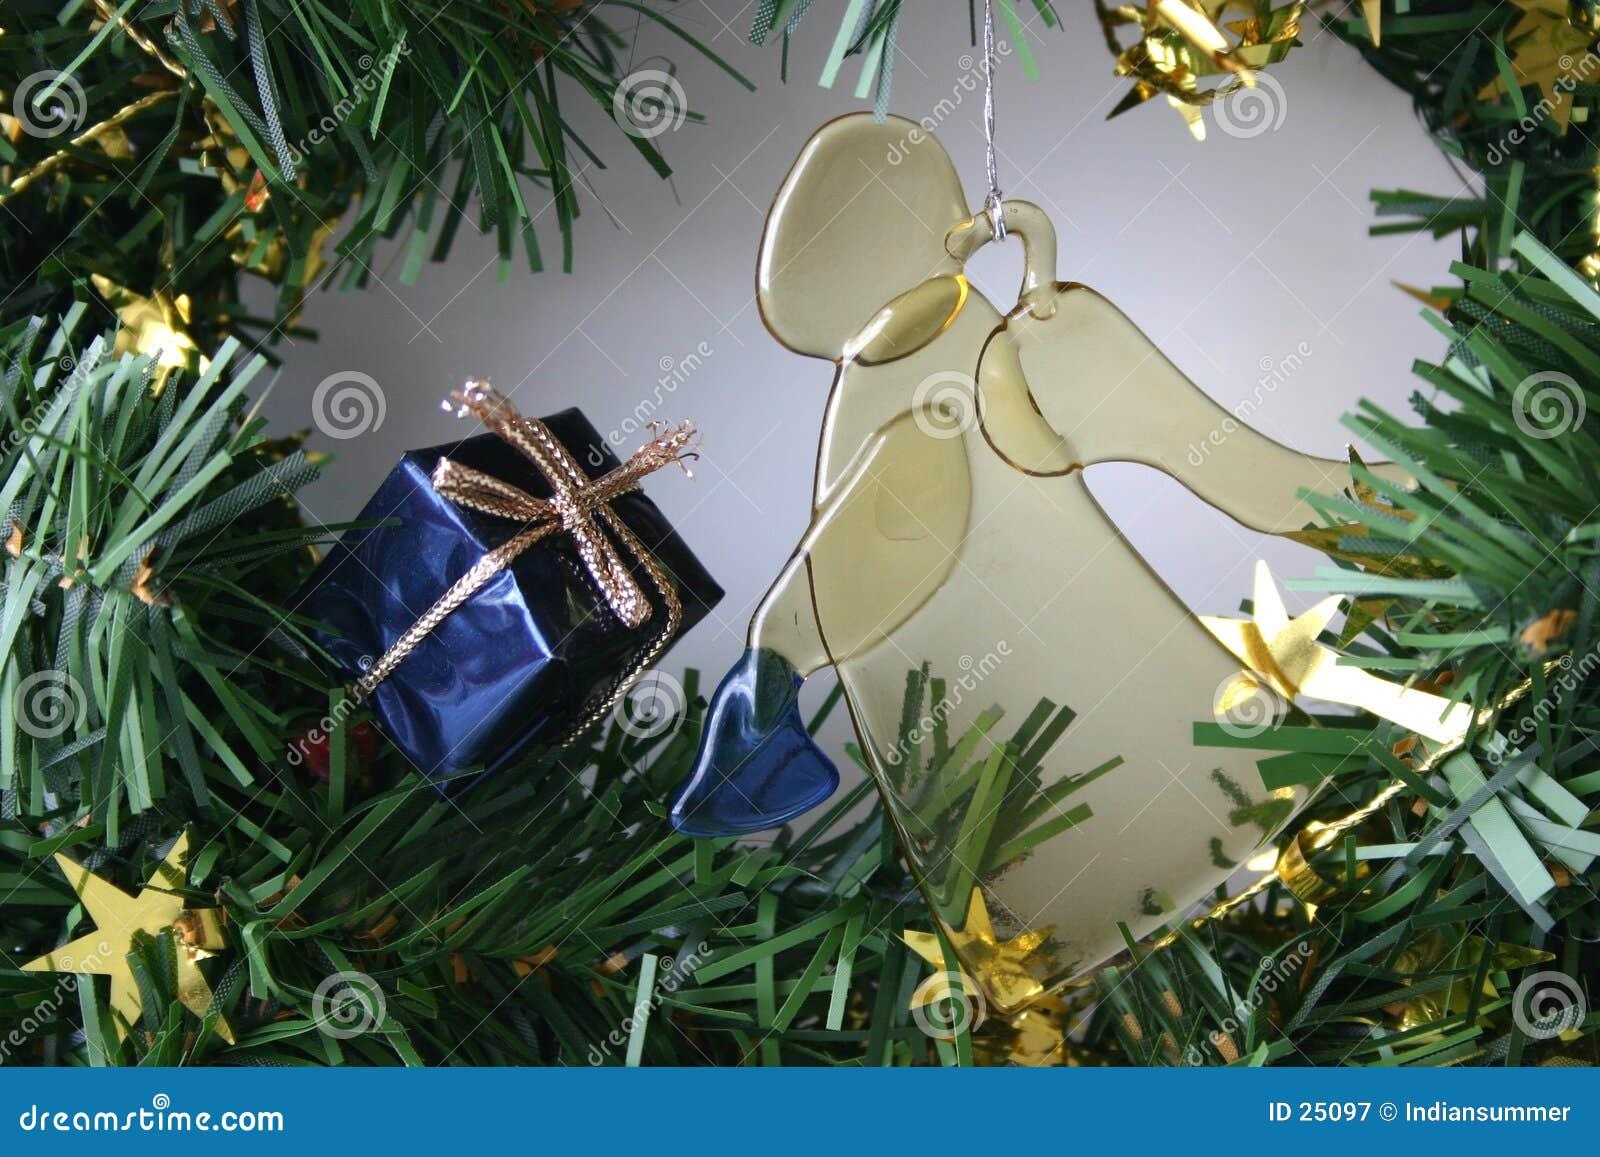 仍然圣诞节ii生活